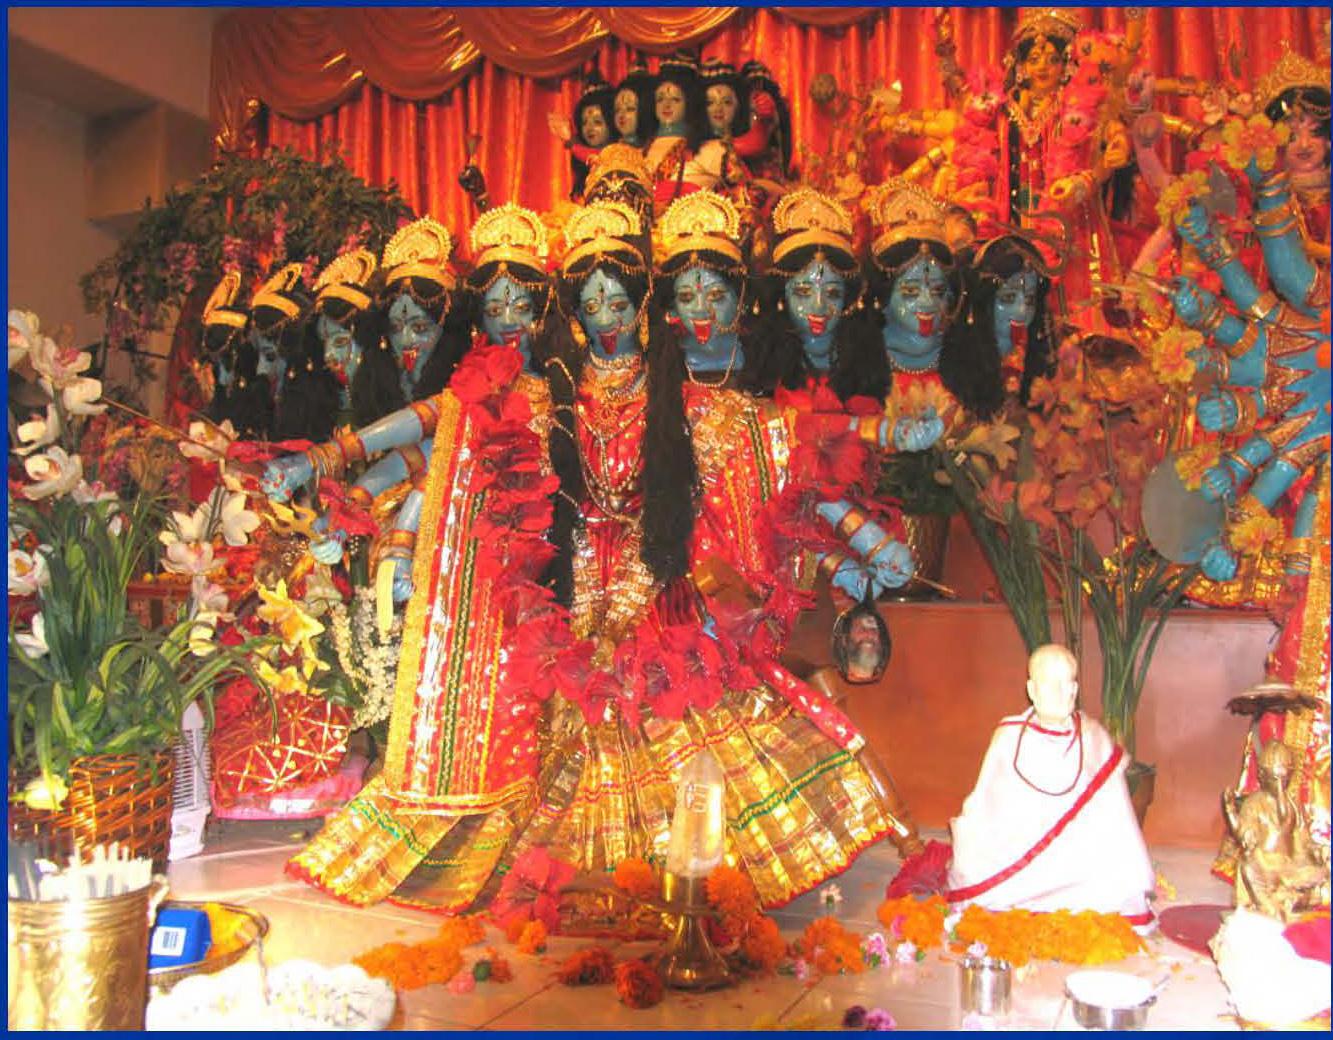 Maha Kali with ten faces